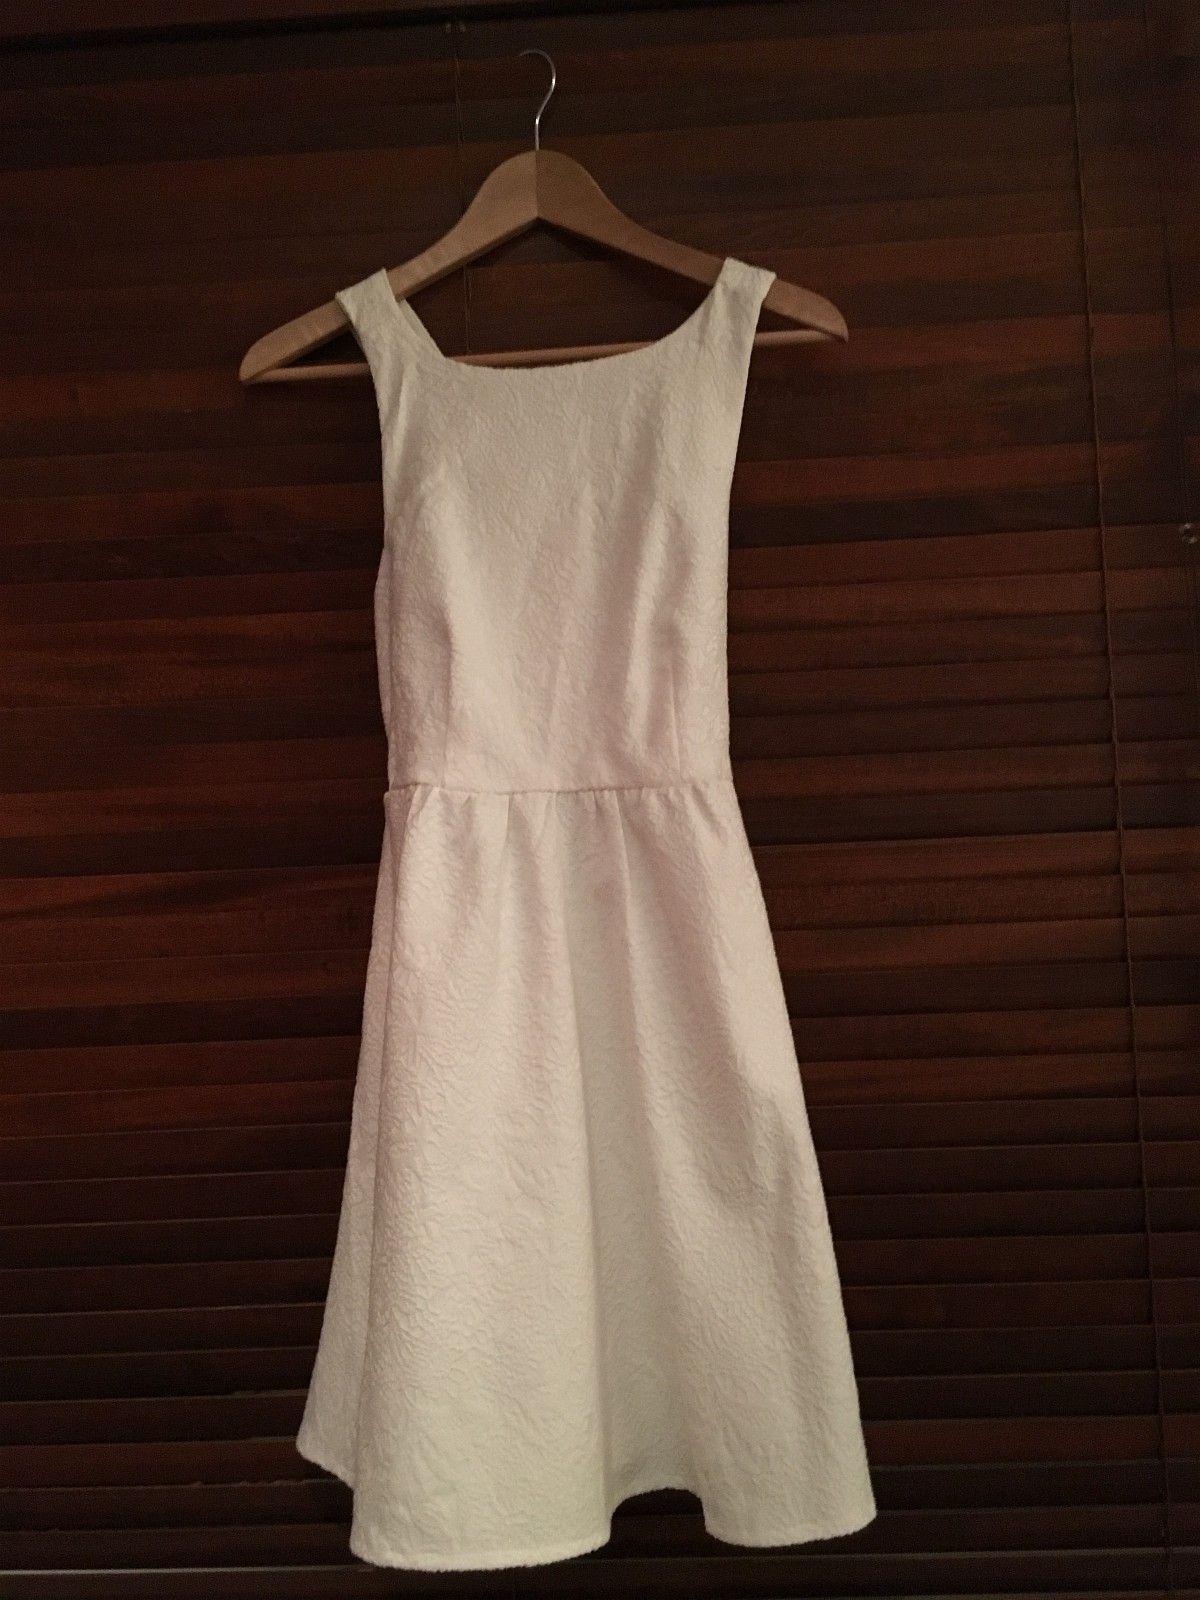 f5a57ba9 Pent brukte klær og Kjoler til jenter fra 12-14år | FINN.no